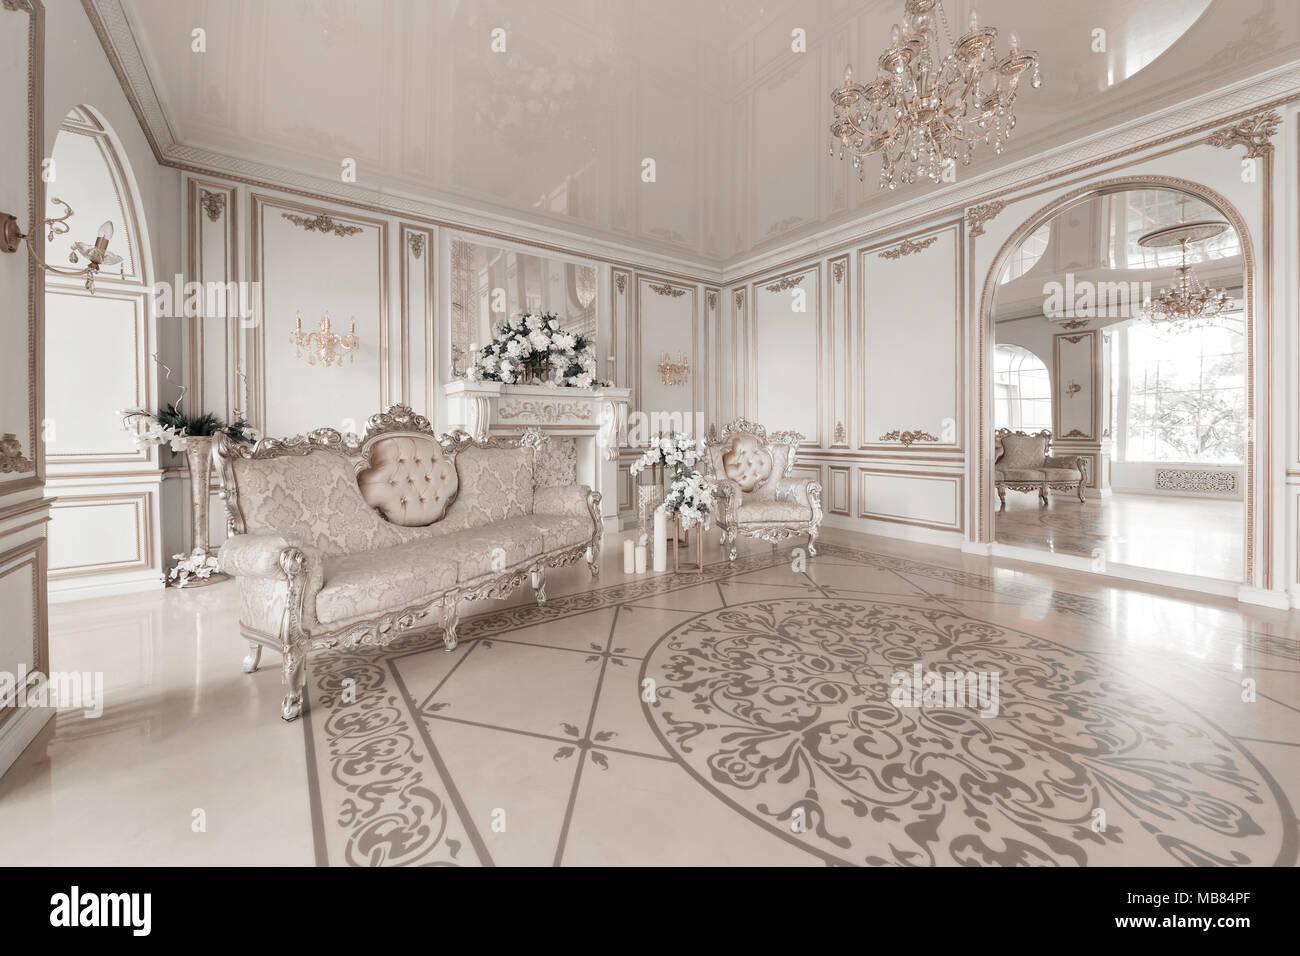 https://c8.alamy.com/compde/mb84pf/luxuriose-vintage-interieur-mit-kamin-in-der-aristokratischen-stil-grosse-fenster-und-spiegel-saulen-und-bogen-ornament-auf-der-glanzenden-fussboden-mb84pf.jpg